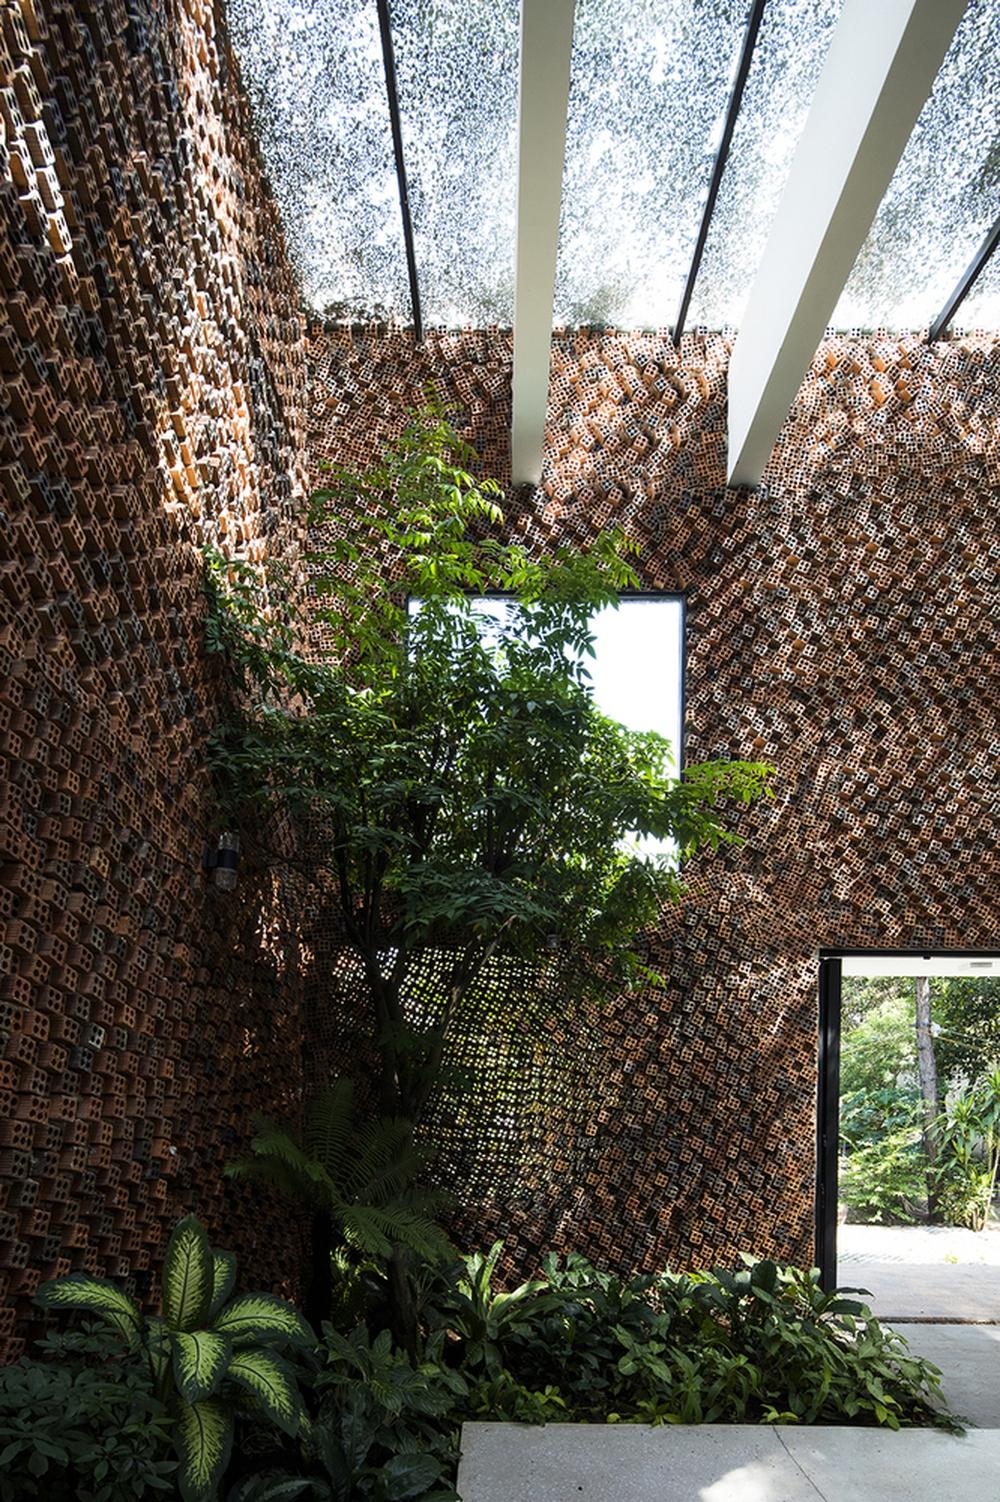 Căn nhà có những bức tường thở tại Biên Hòa nhìn thôi cũng đủ bị mê hoặc - Ảnh 12.